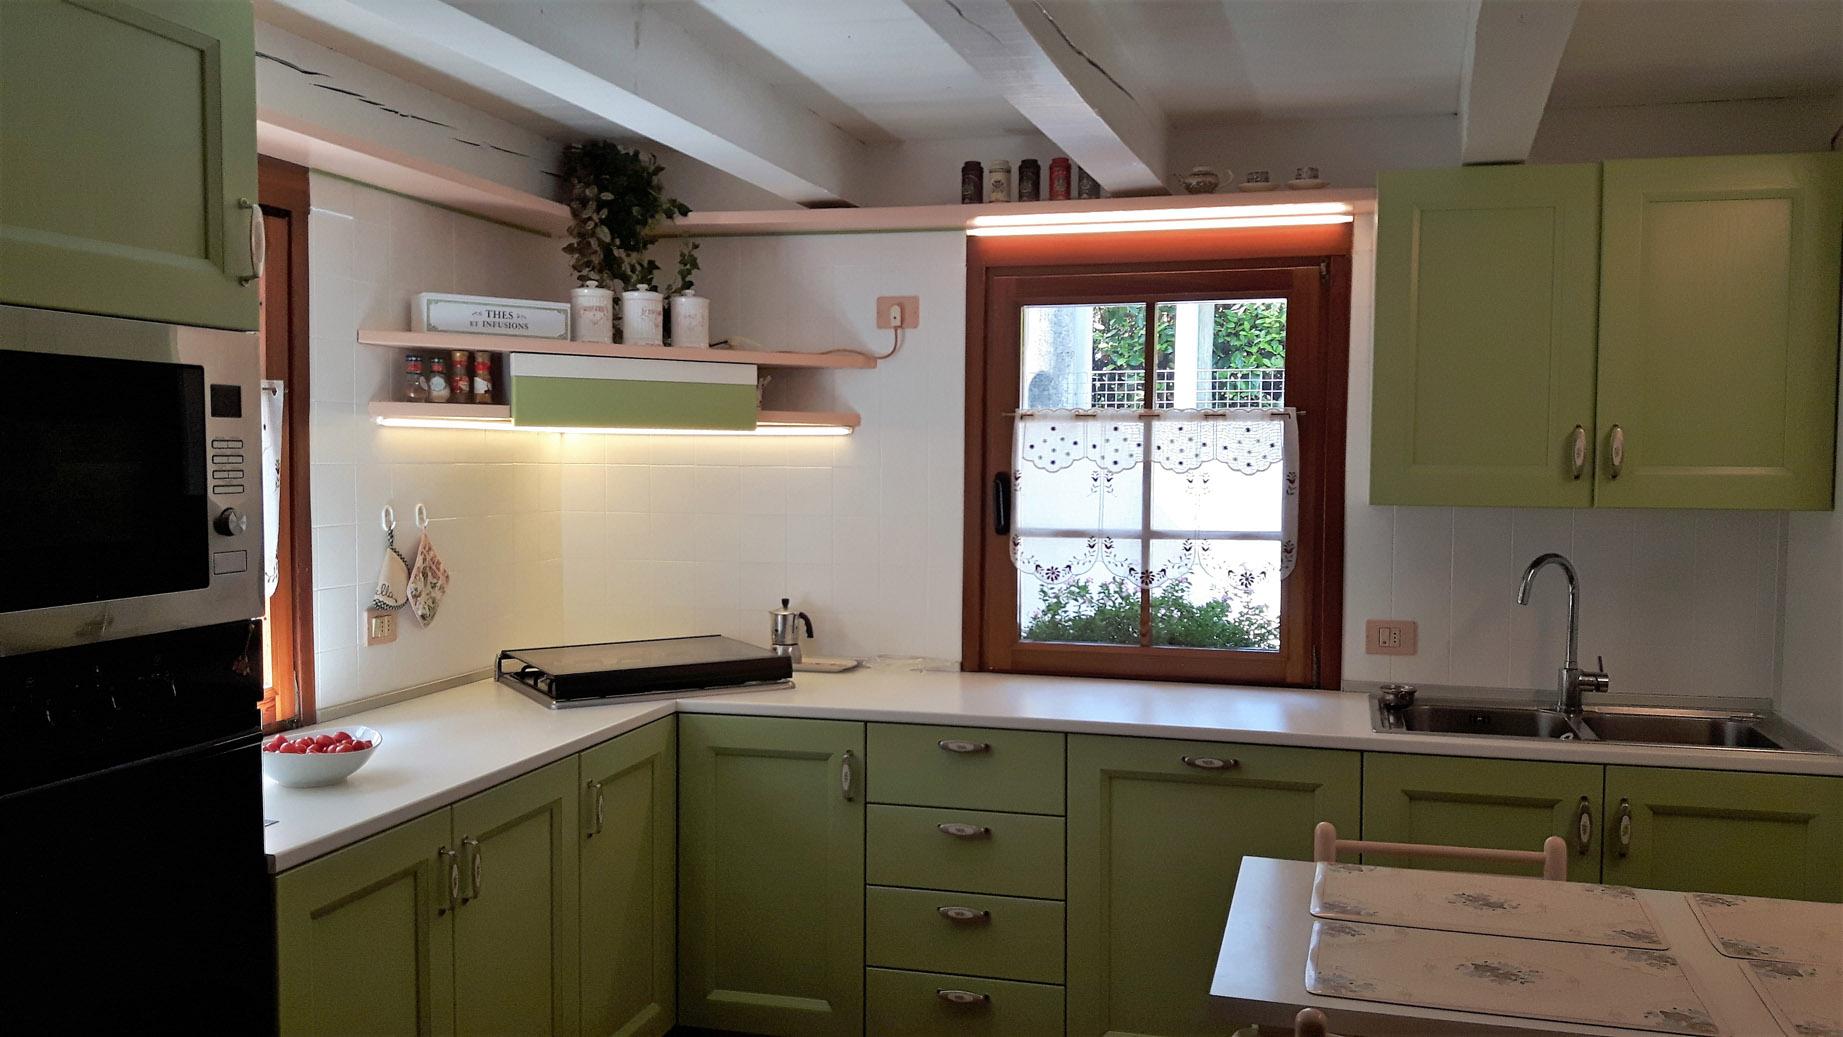 Cucina modello Village in legno laccato verde - Arredamenti Stanza per Stanza a Montebelluna, in provincia di Treviso